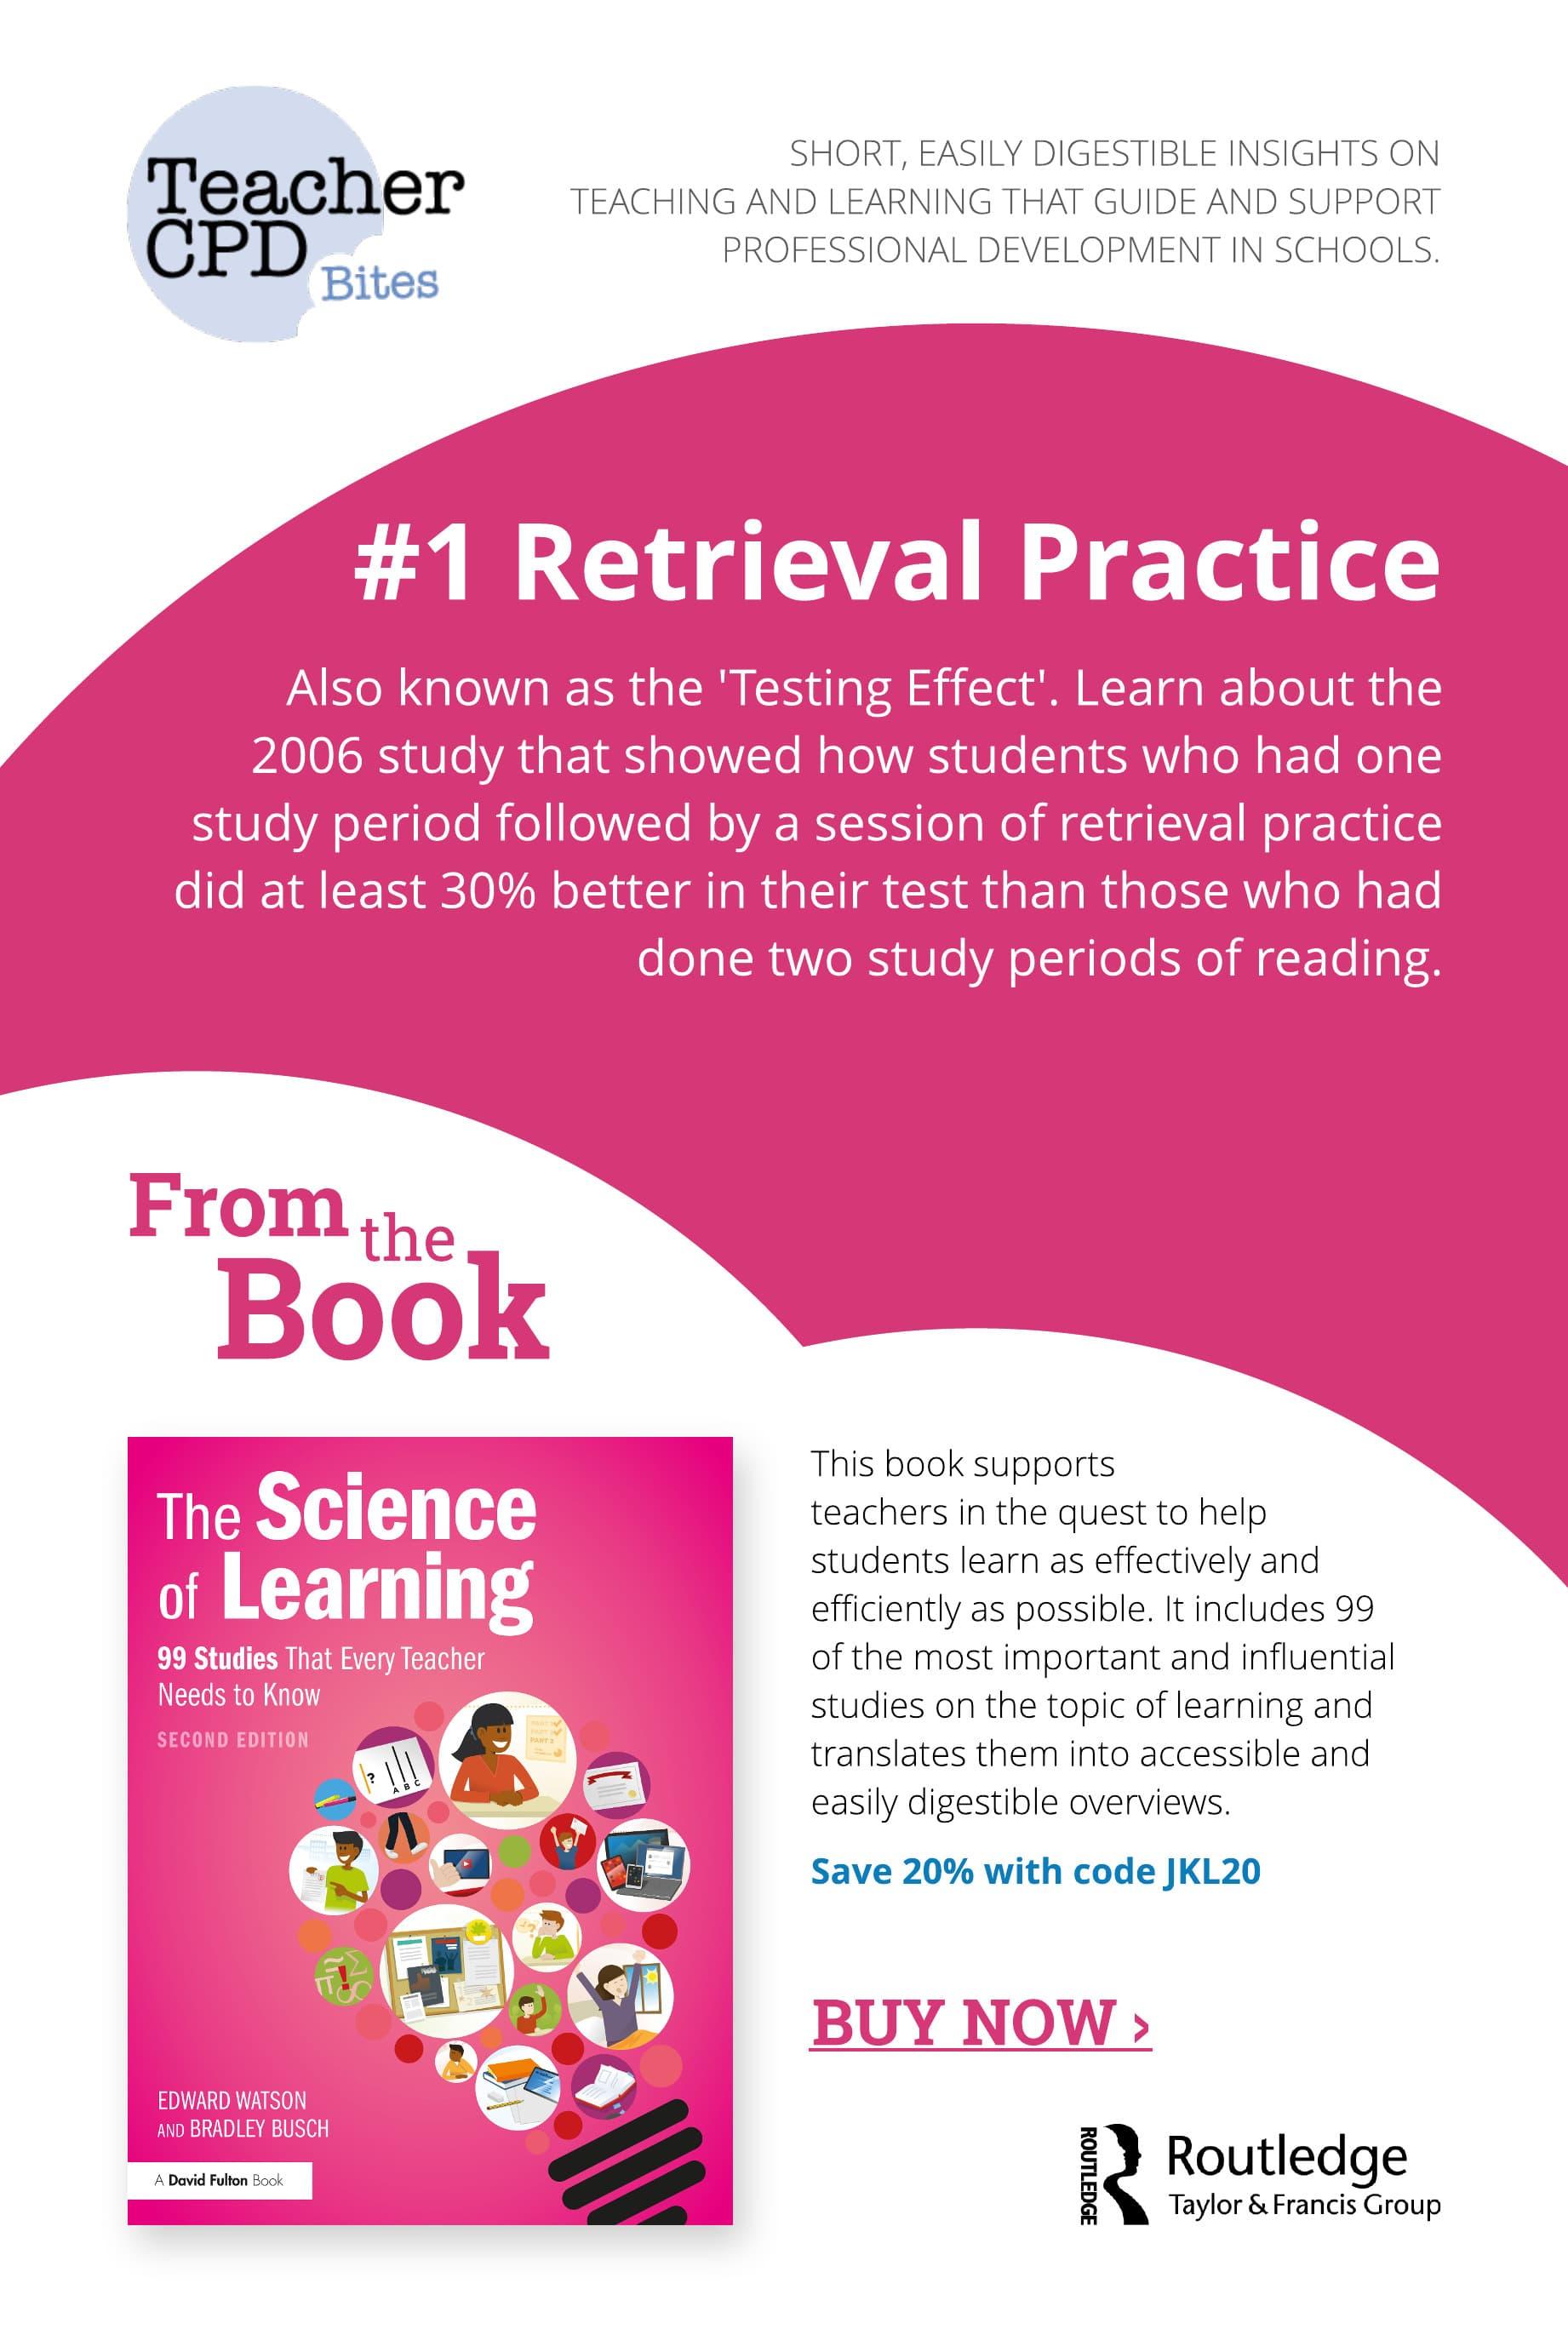 #1 Retrieval Practice